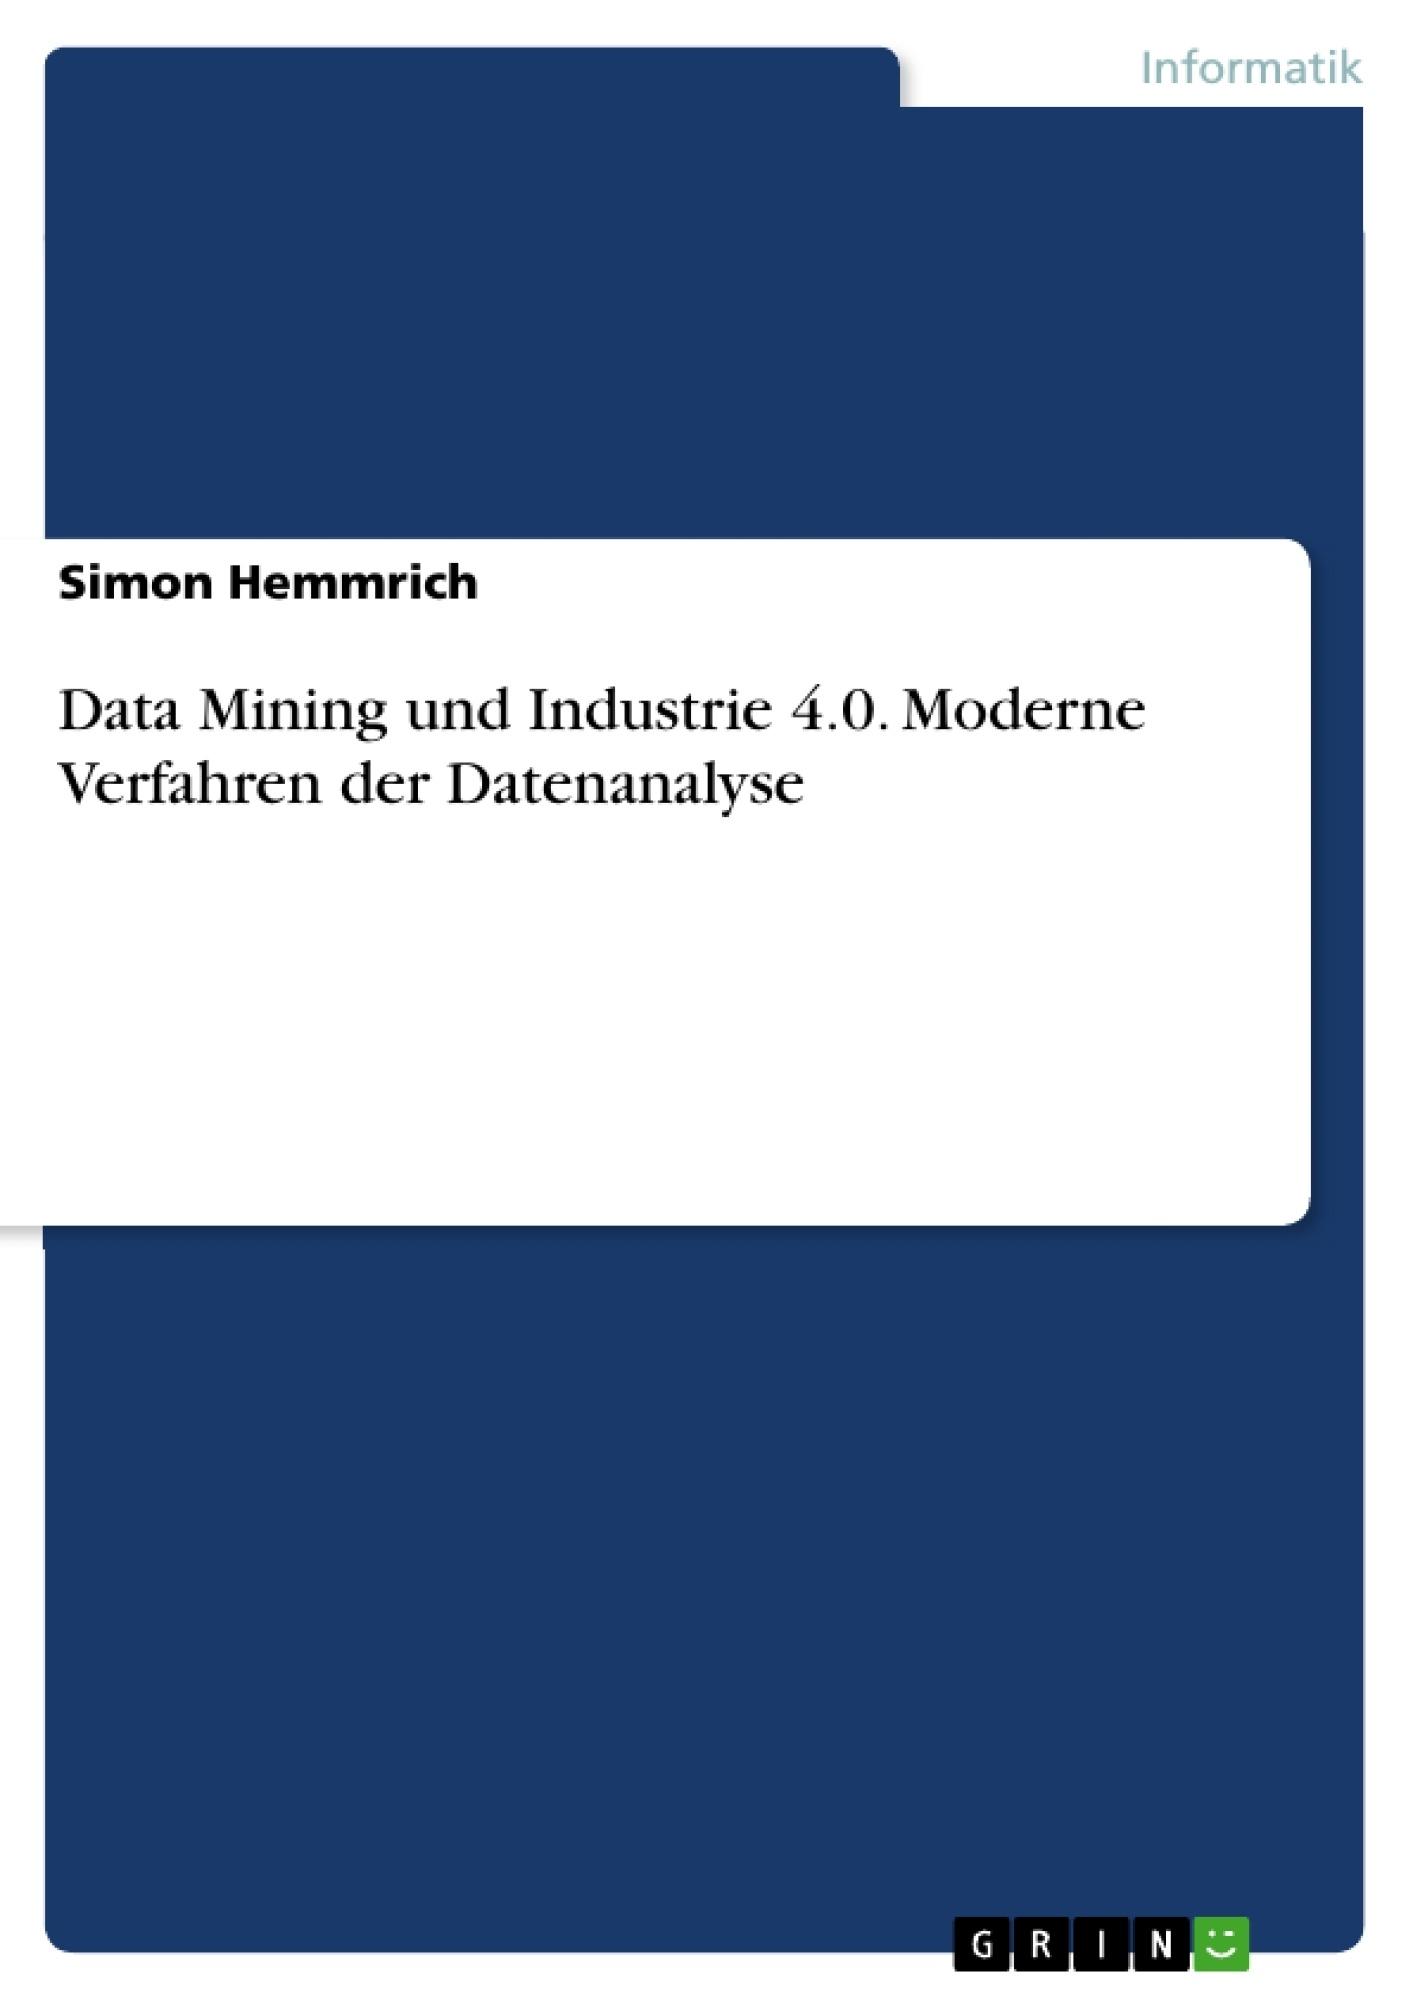 Titel: Data Mining und Industrie 4.0. Moderne Verfahren der Datenanalyse